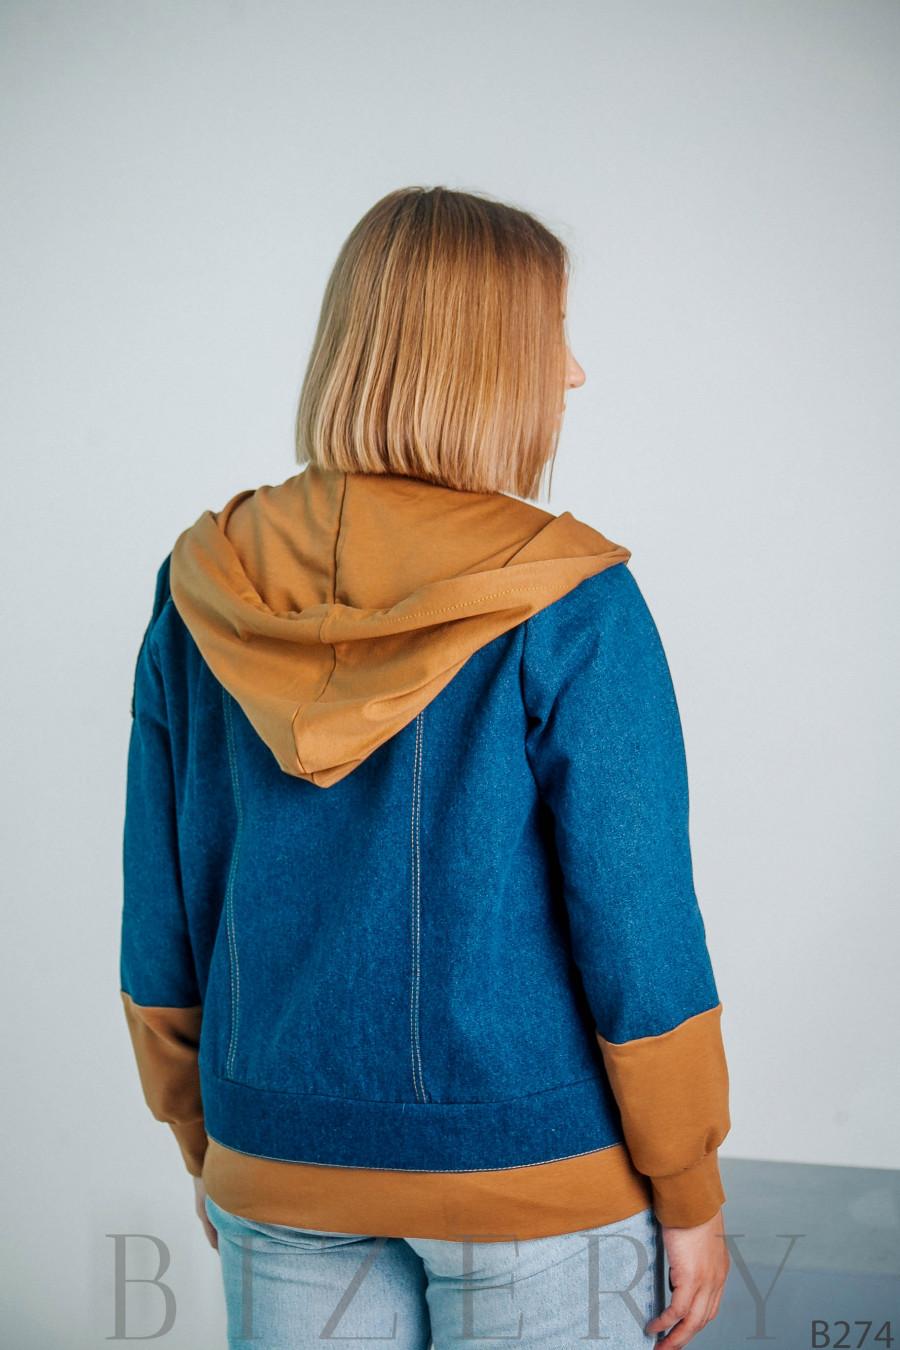 Женская джинсовая куртка с капюшоном большого размера B274